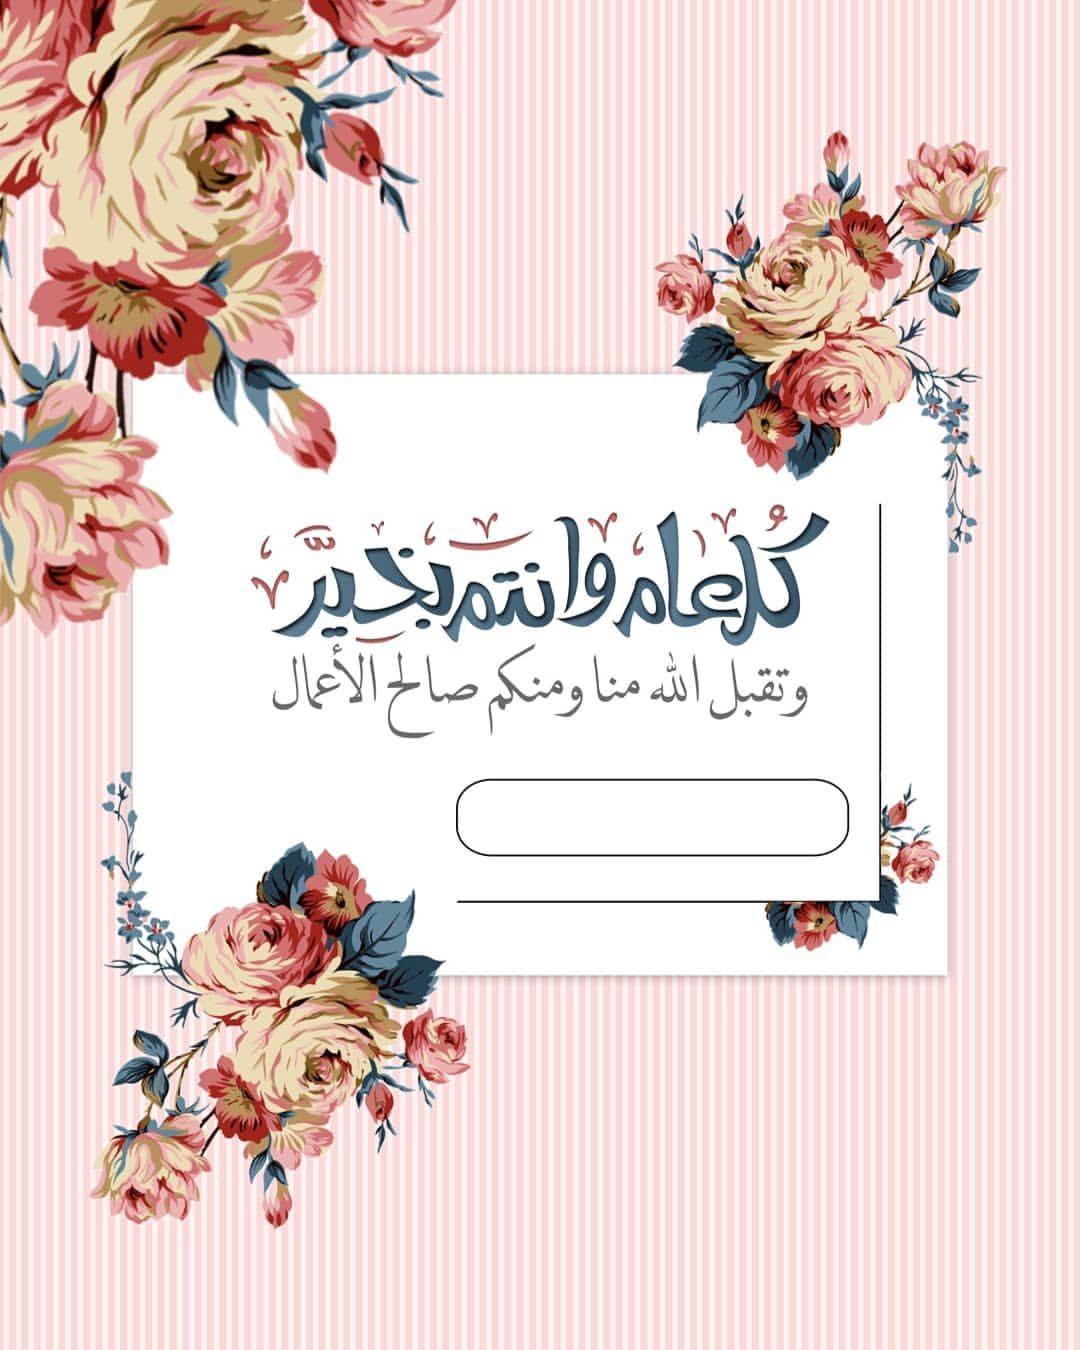 بطاقة تهنئة بمناسبة عيدالفطر جاهزة لاضافة الاسم اهداء مني لكم وبدون حقوق عيدكم مبارك وكل عام وانت Eid Wallpaper Eid Card Designs Eid Stickers